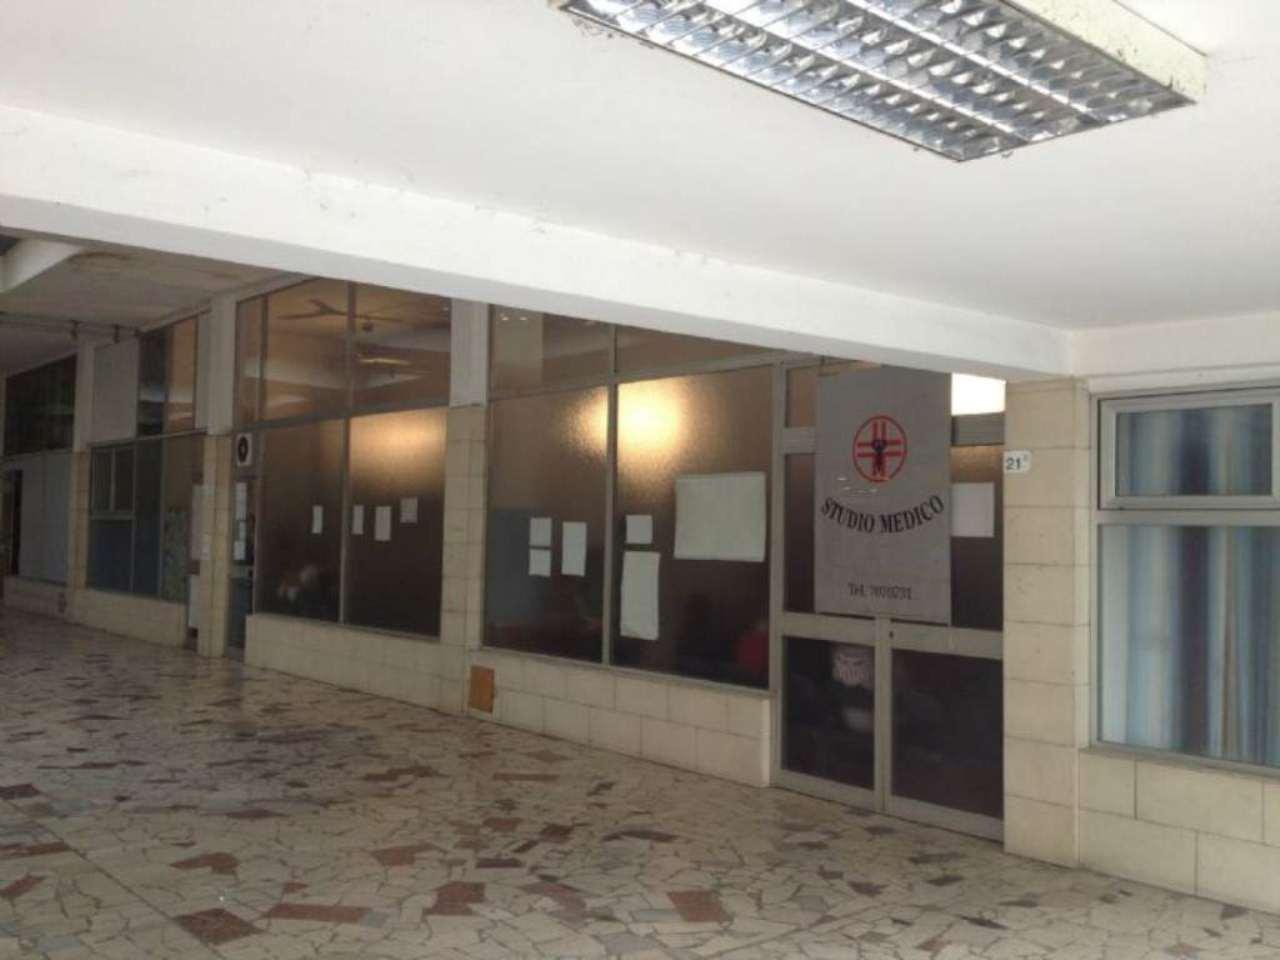 Ufficio in vendita viale radich 21/q Grugliasco